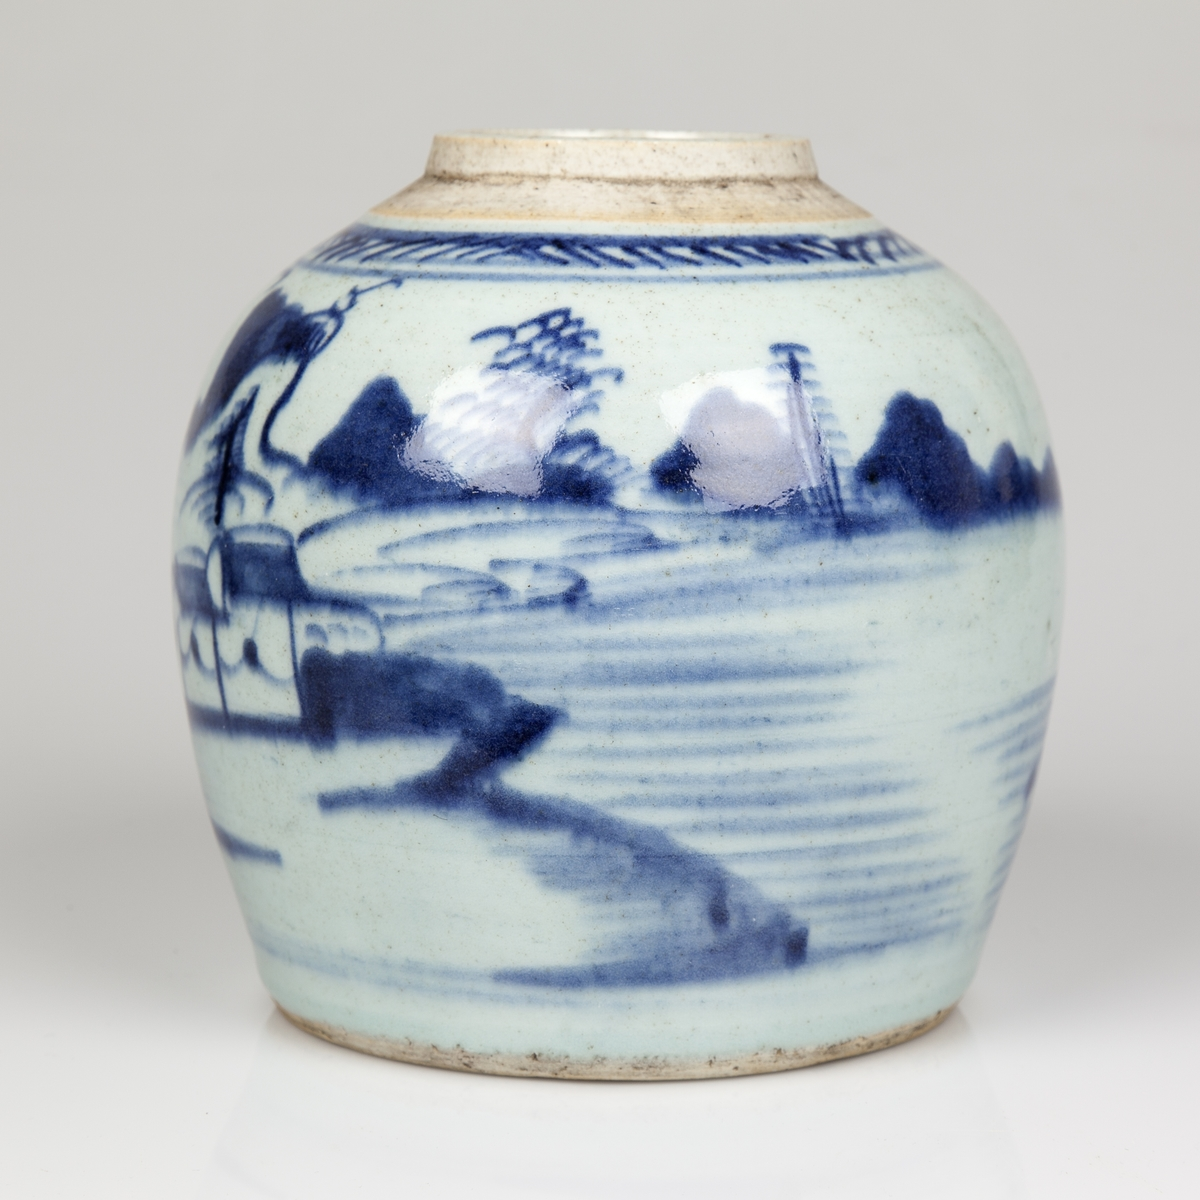 Tykkmaget rund krukke med påmalt kinesisk landskap.